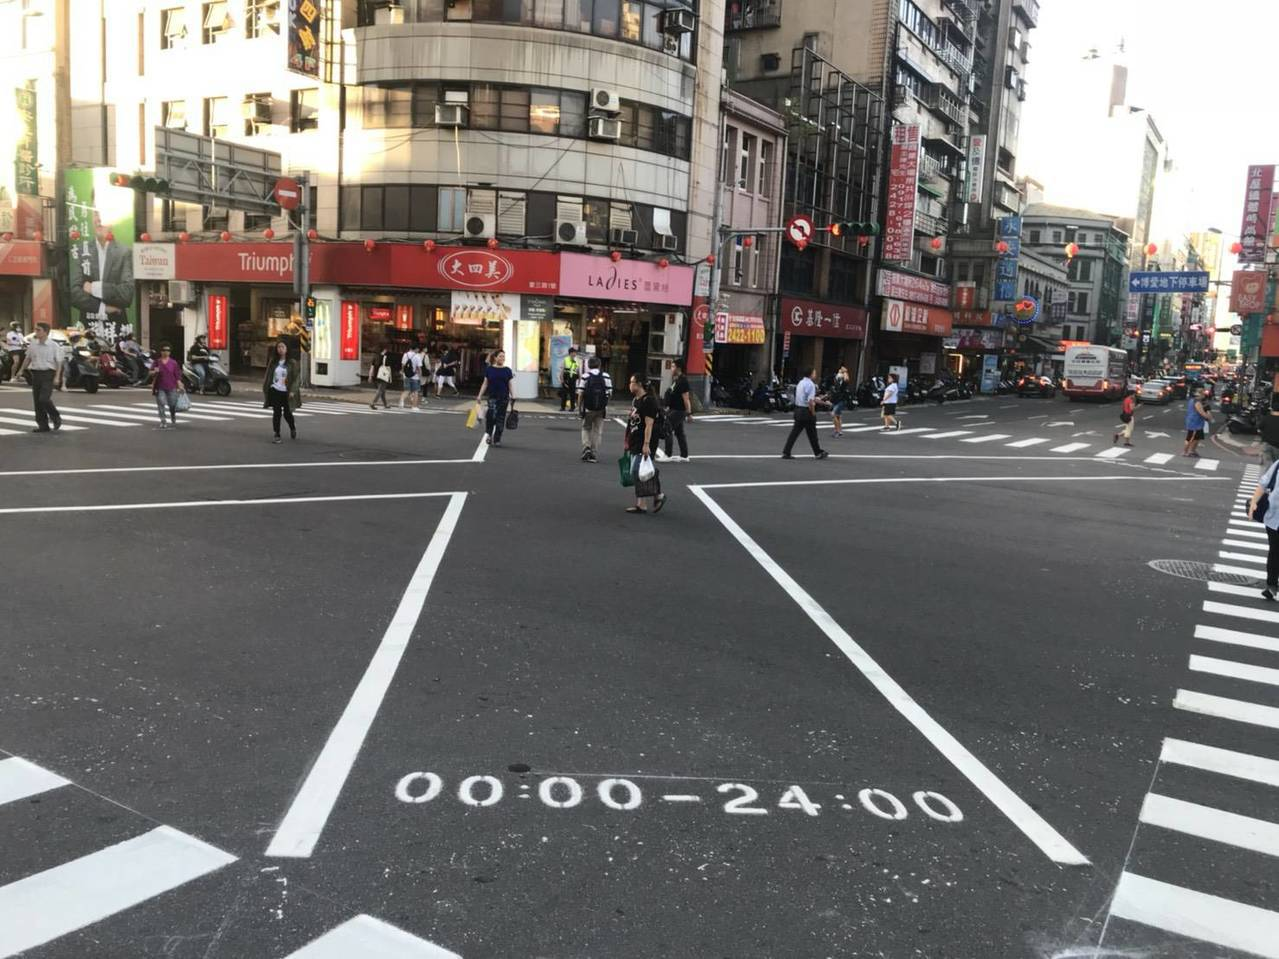 基隆仁五路、愛三路口改畫設對角線行人穿越道線,各時相車子會全停讓民眾通行。圖/基...